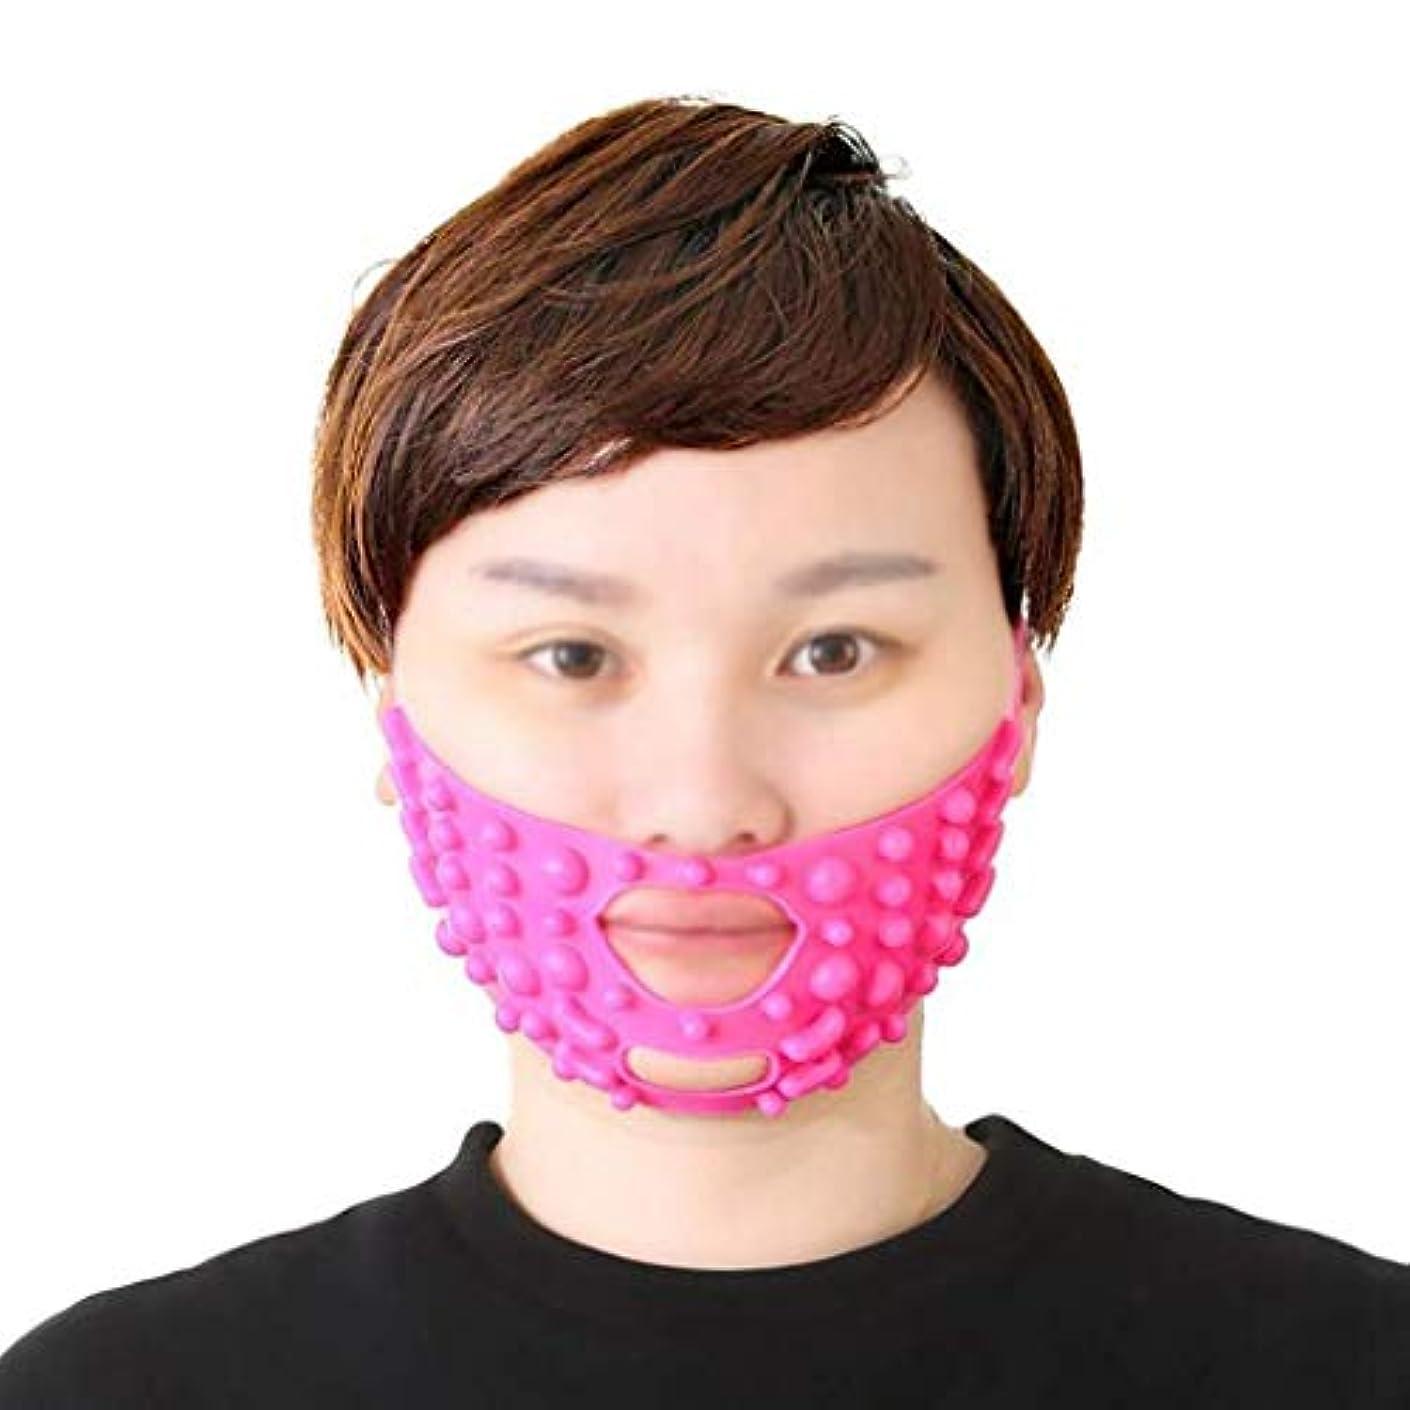 軽減愚かロードハウスフェイスリフトマスク、チンストラップシリコーンVフェイスマスクフェイスマスク強力な包帯V顔アーティファクトスモールV顔包帯顔と首リフトピンクシリコーン包帯